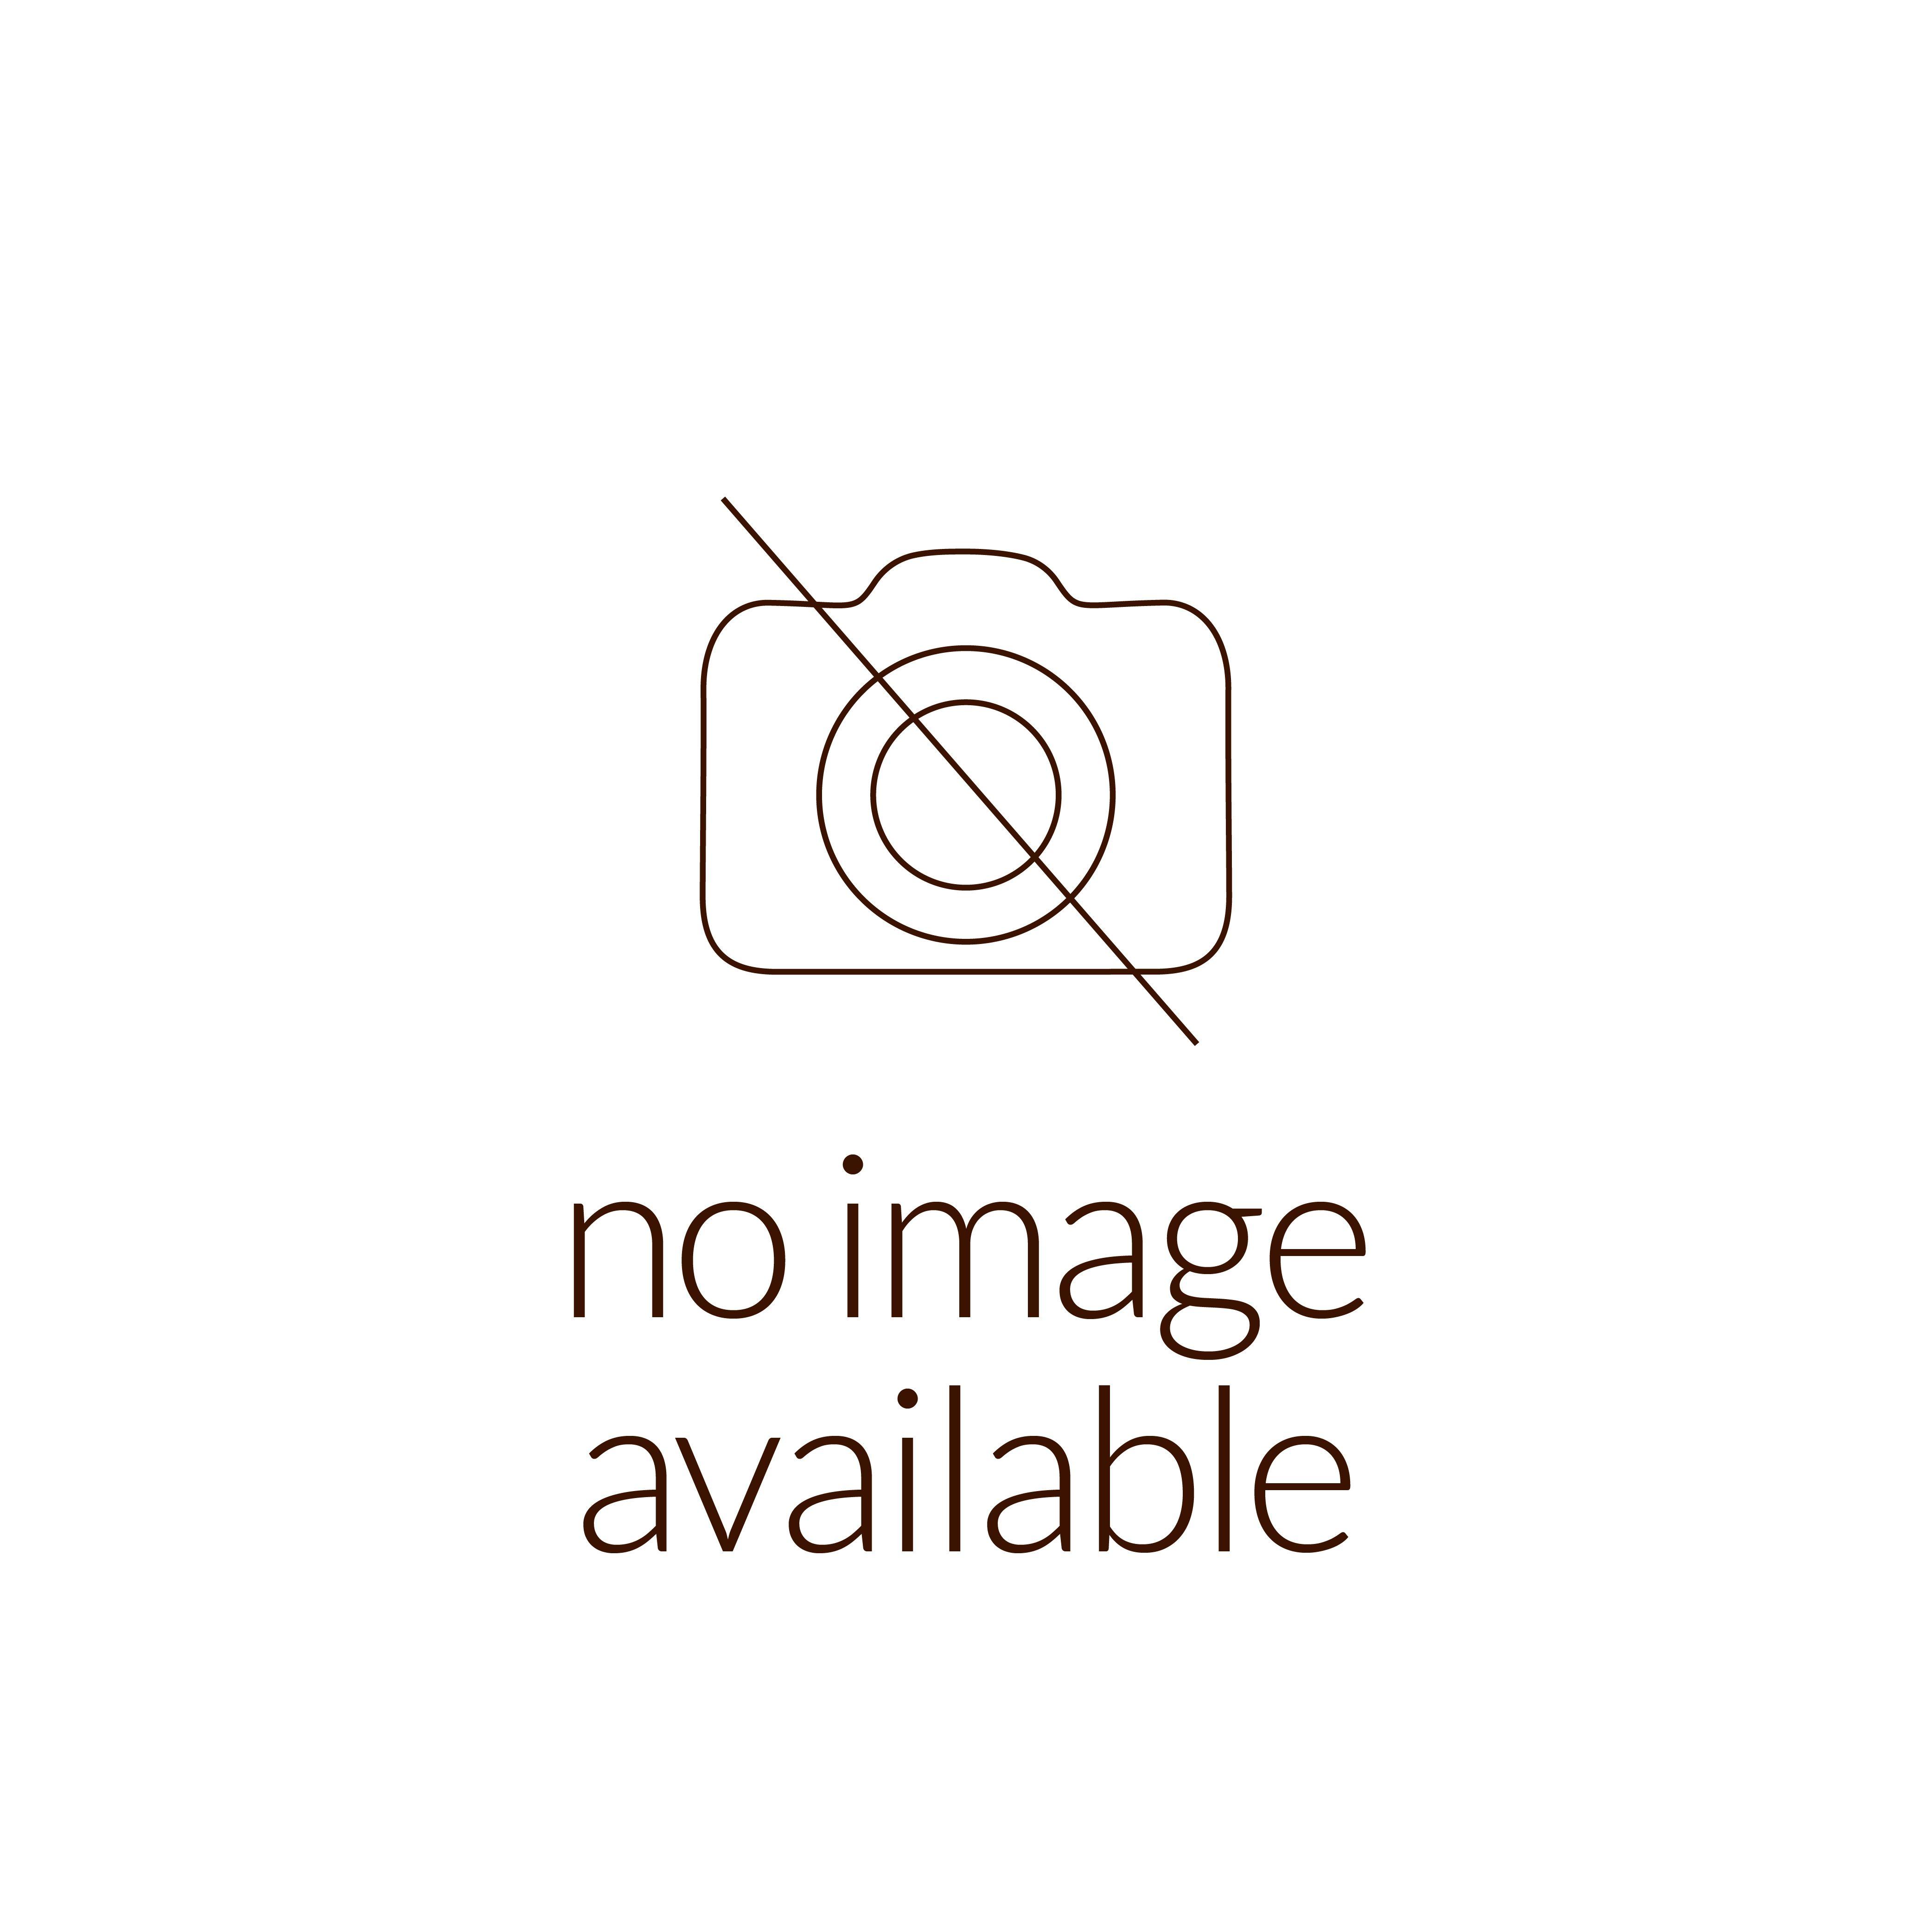 """מדליה ממלכתית, רב אלוף יצחק רבין, כסף 925, 50.0 מ""""מ, 17 גרם - צד הנושא"""